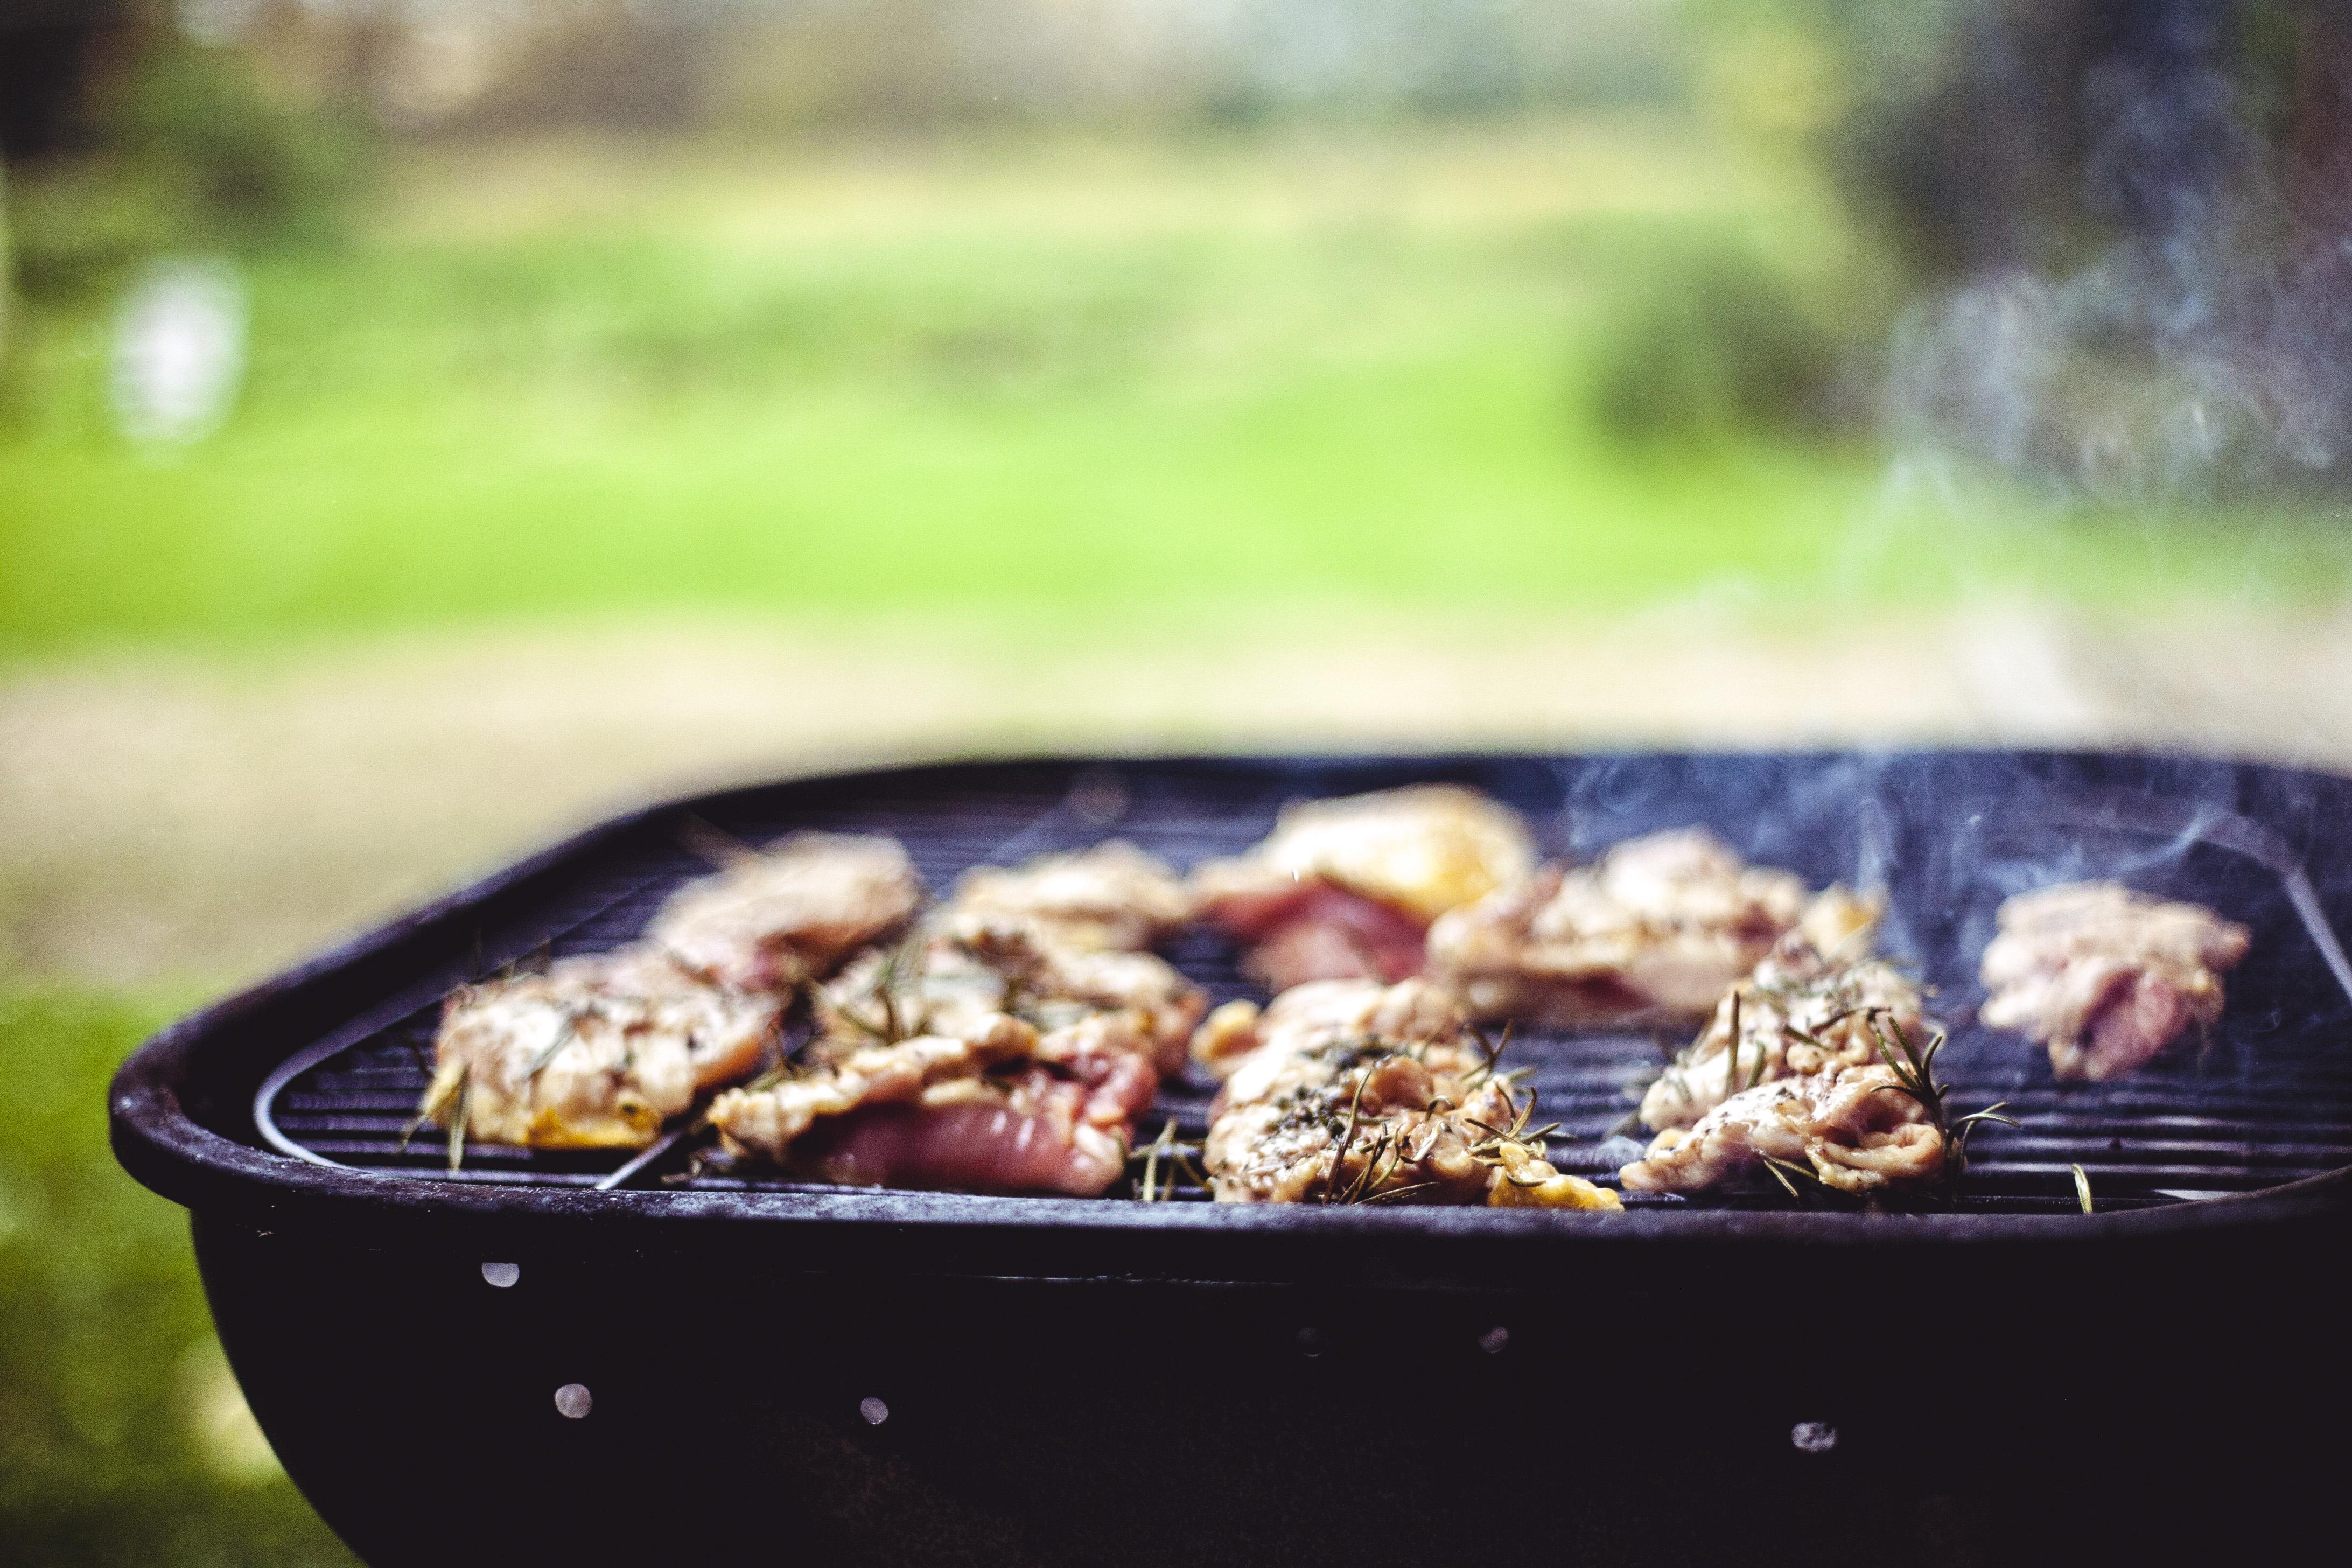 Auch mal selbst kochen: da schmeckt das Essen gleich viel besser!